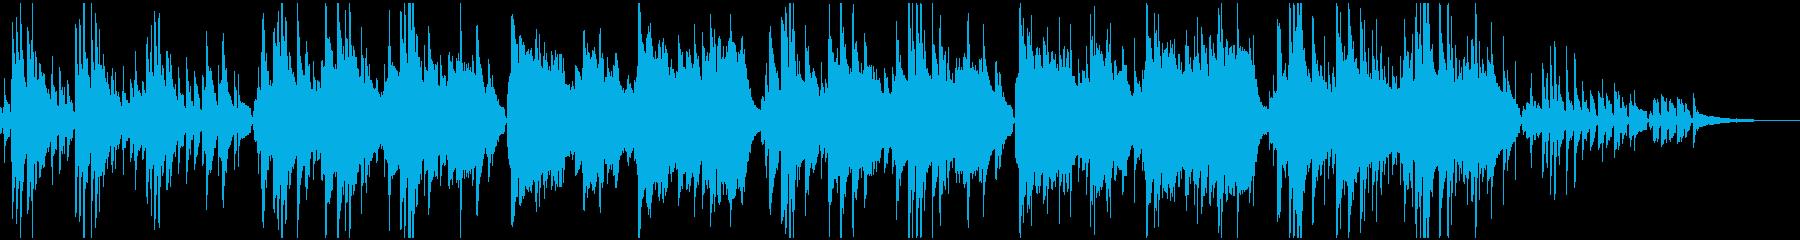 映像BGM優しく包み込むゆっくりボサノバの再生済みの波形